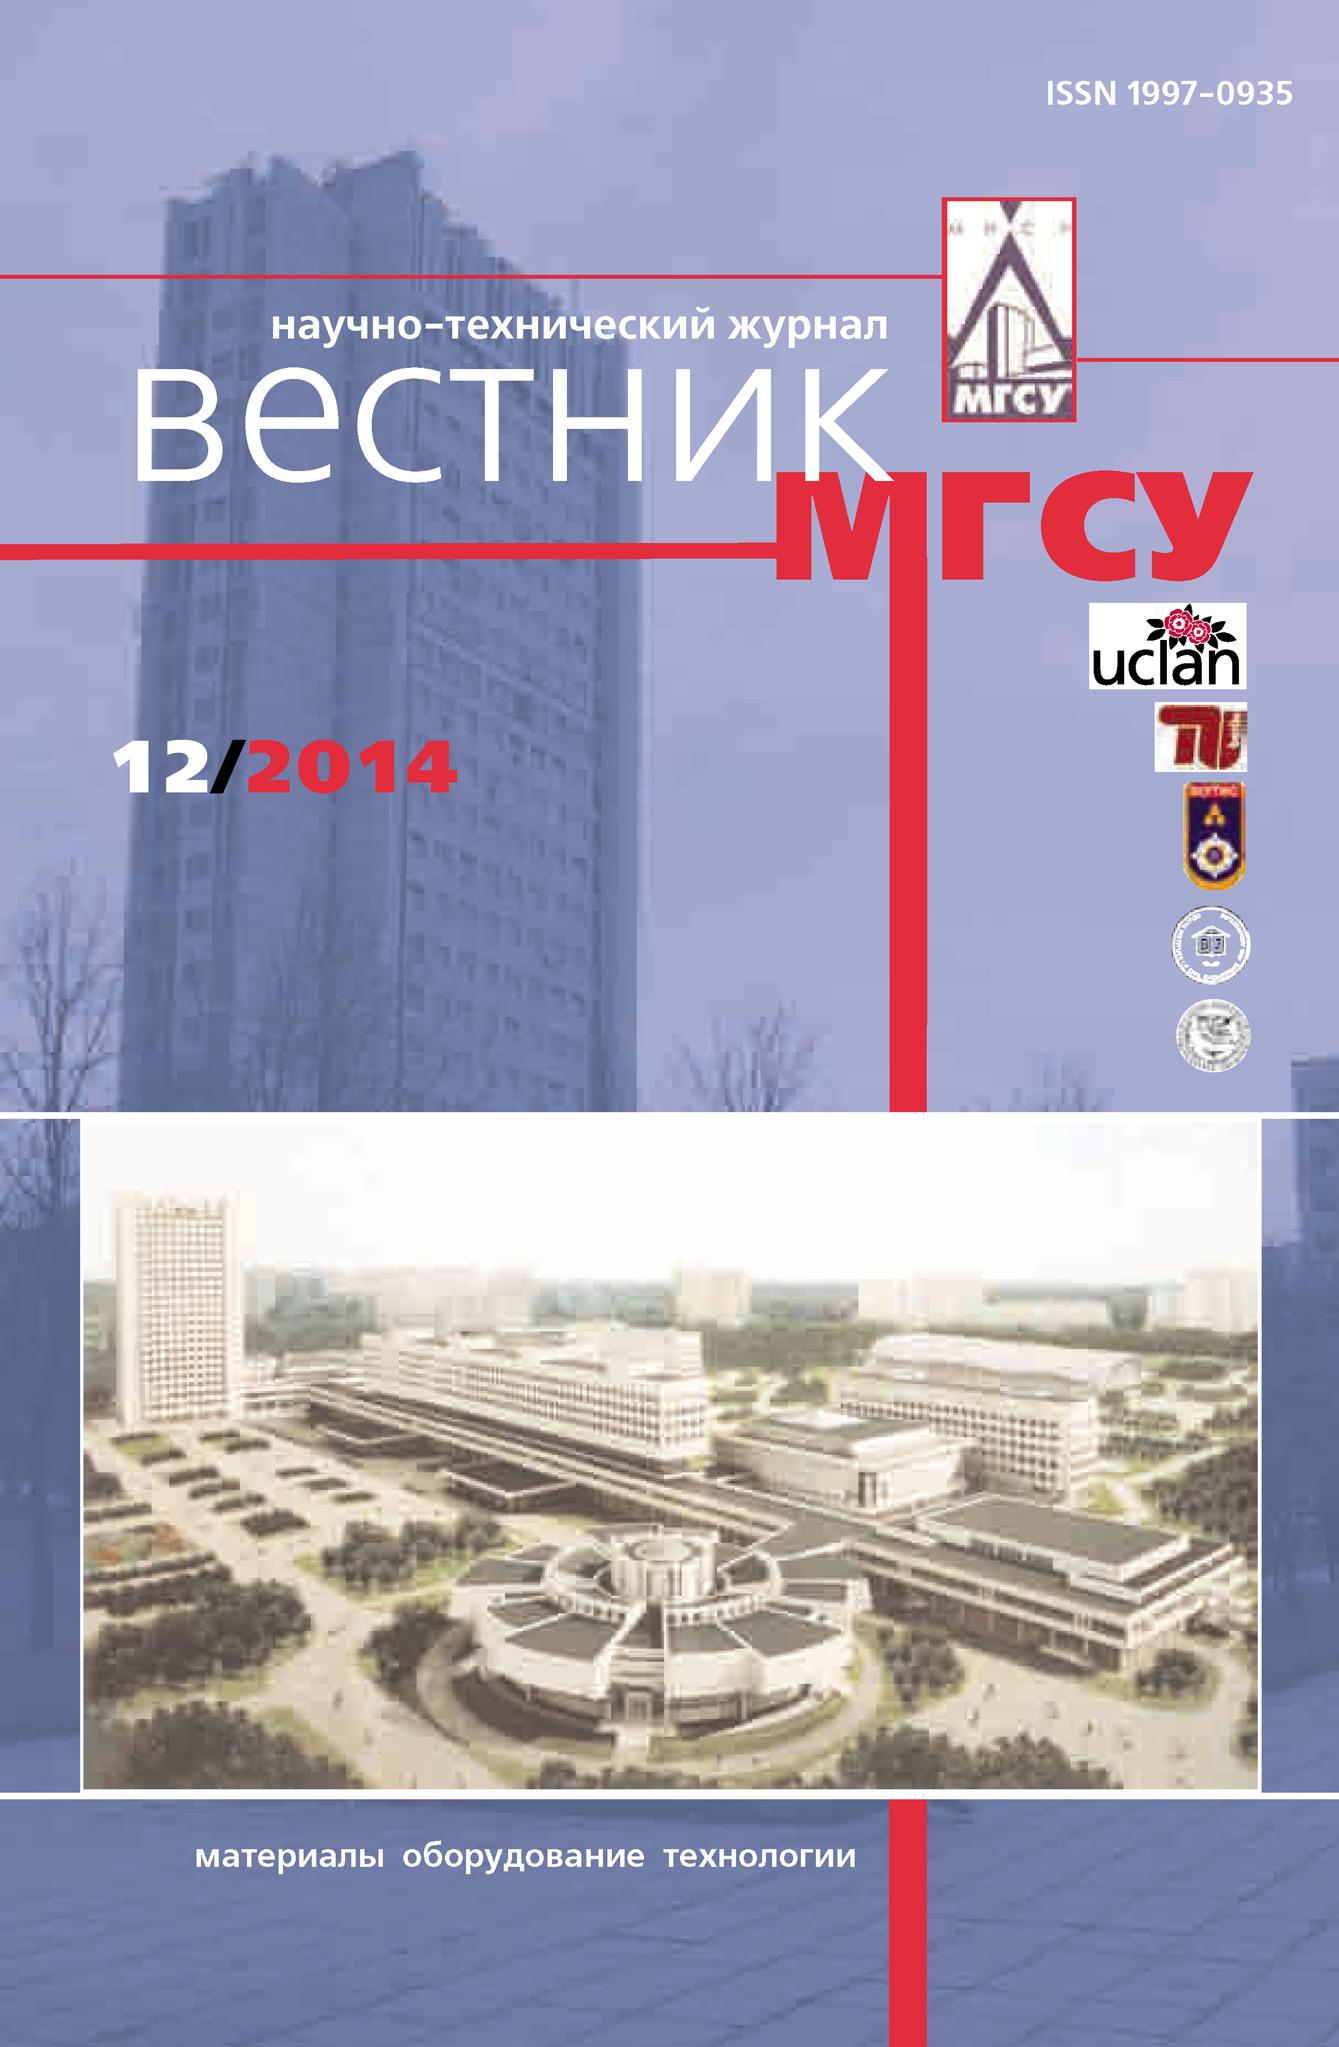 Вестник МГСУ № 12 2014